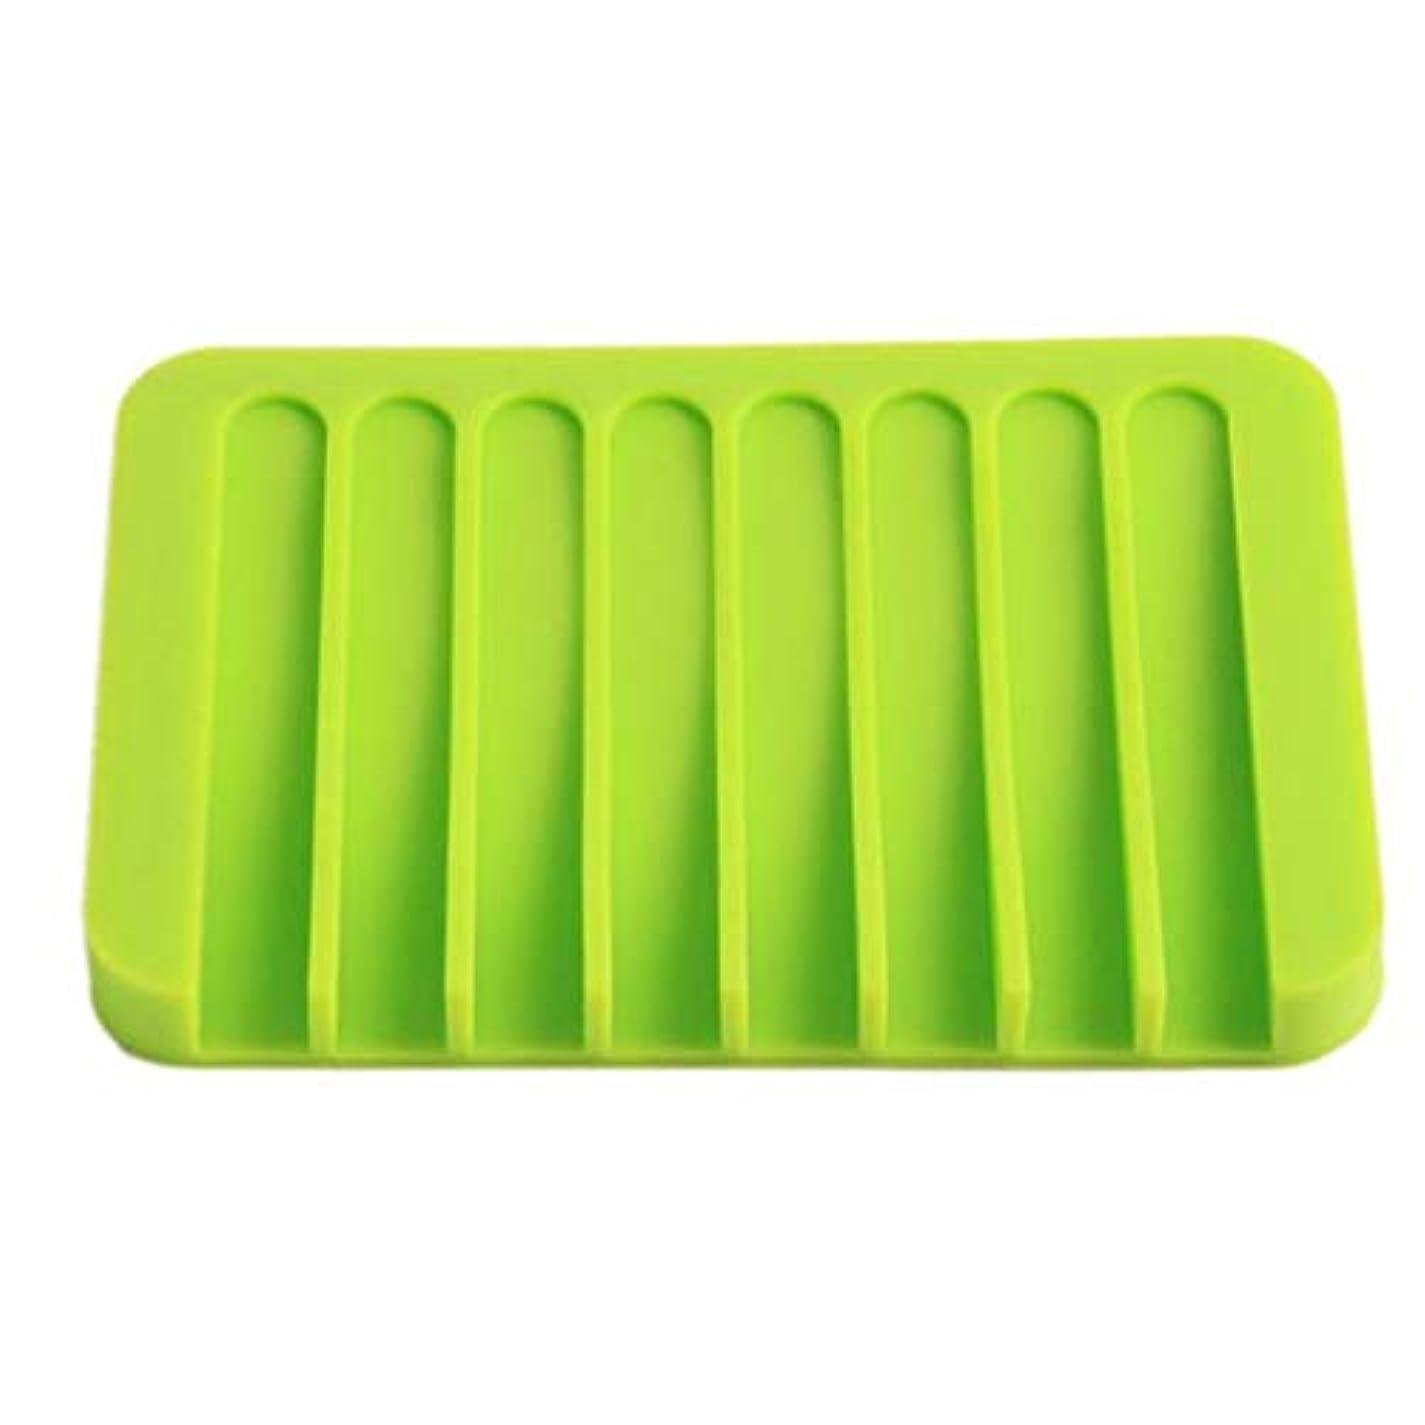 汚れる確かめるピアノOnior プレミアム品質のシリコーン浴室柔軟な石鹸皿ソープホルダー収納ソープボックスプレートトレイ排水、グリーン